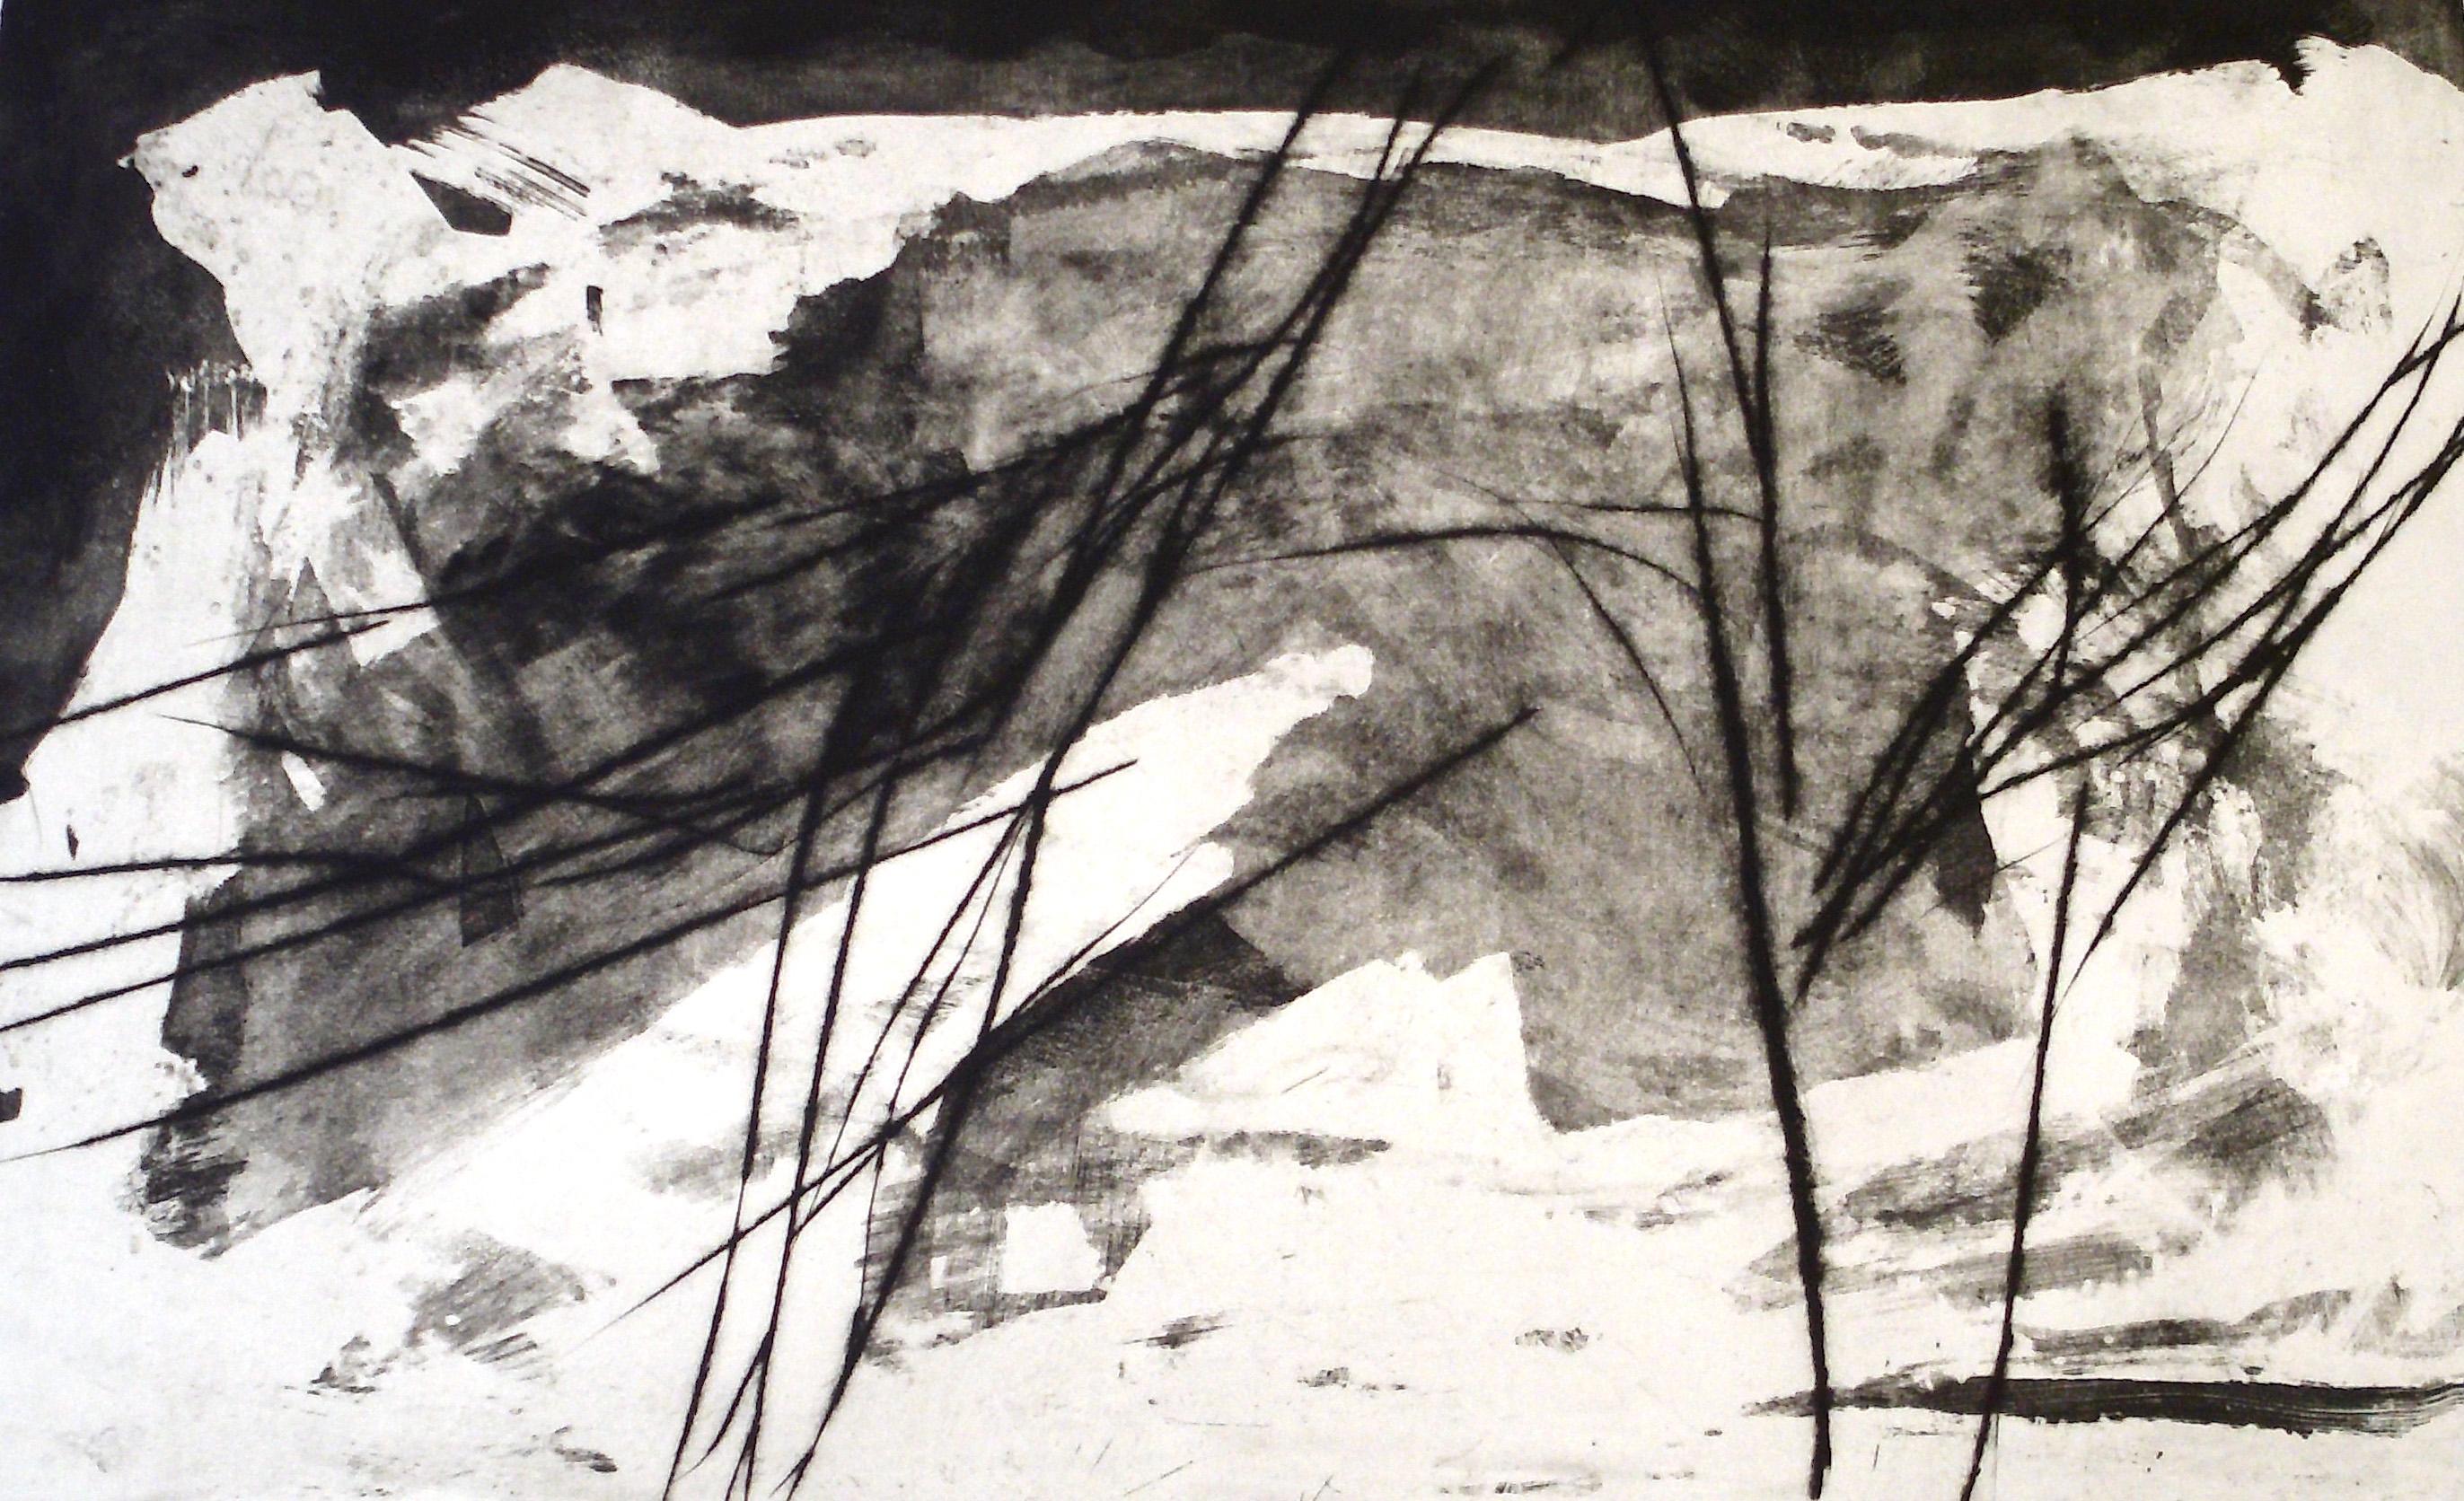 06-kerstin_franke-gneuss-schneelicht-2012-aquatinta_kaltnadelradierung-55.0x88.4